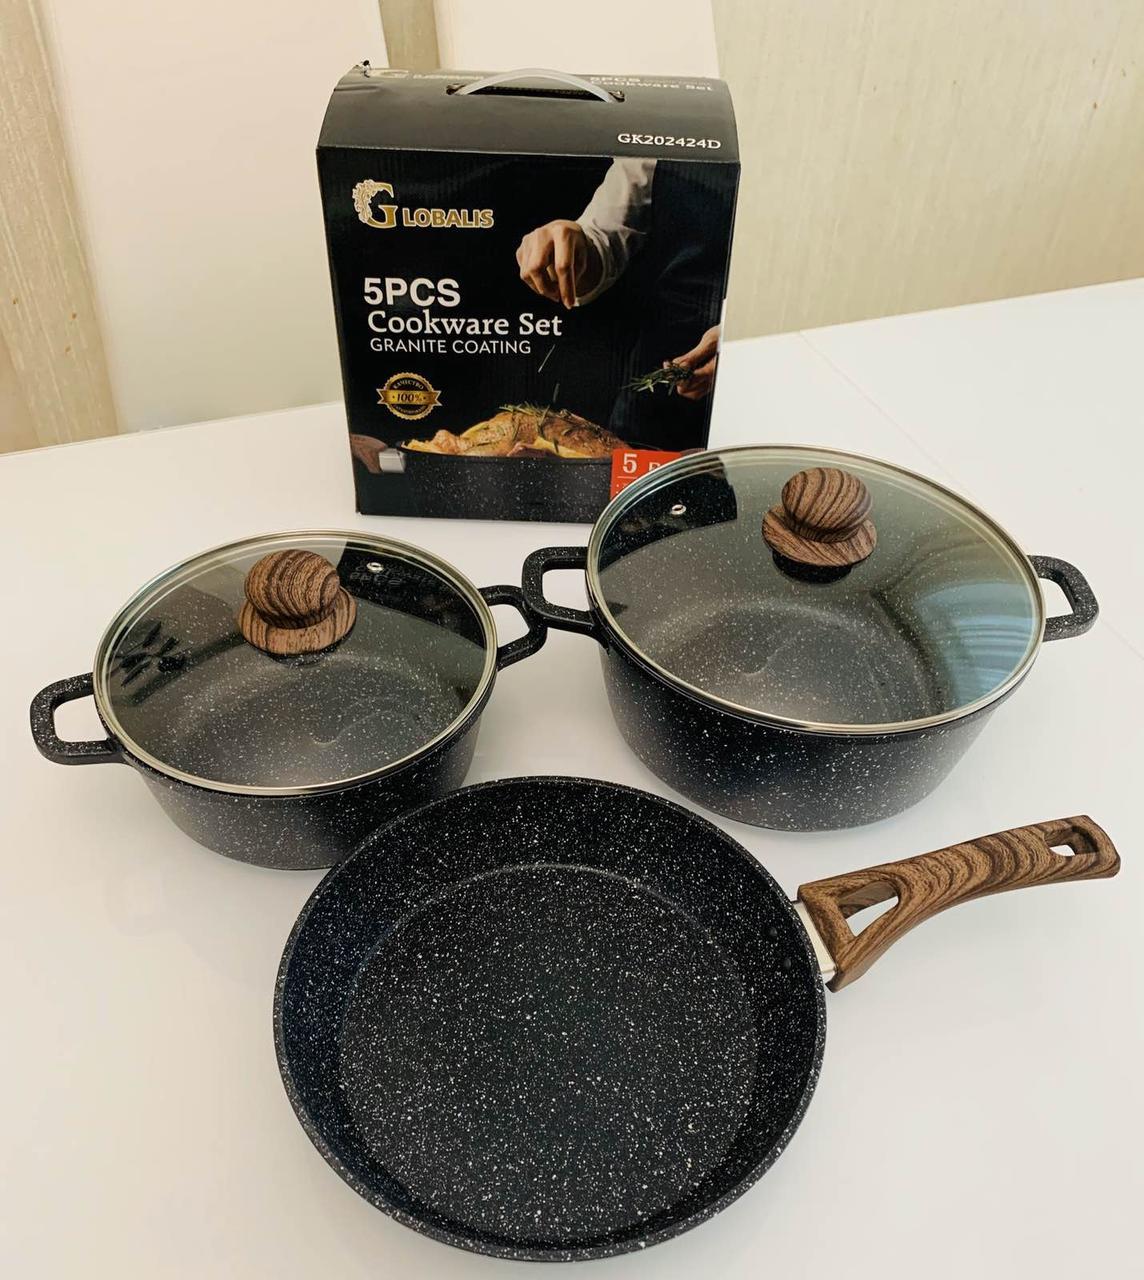 Набор посуды GLOBALIS из 5 предметов с мраморным покрытием